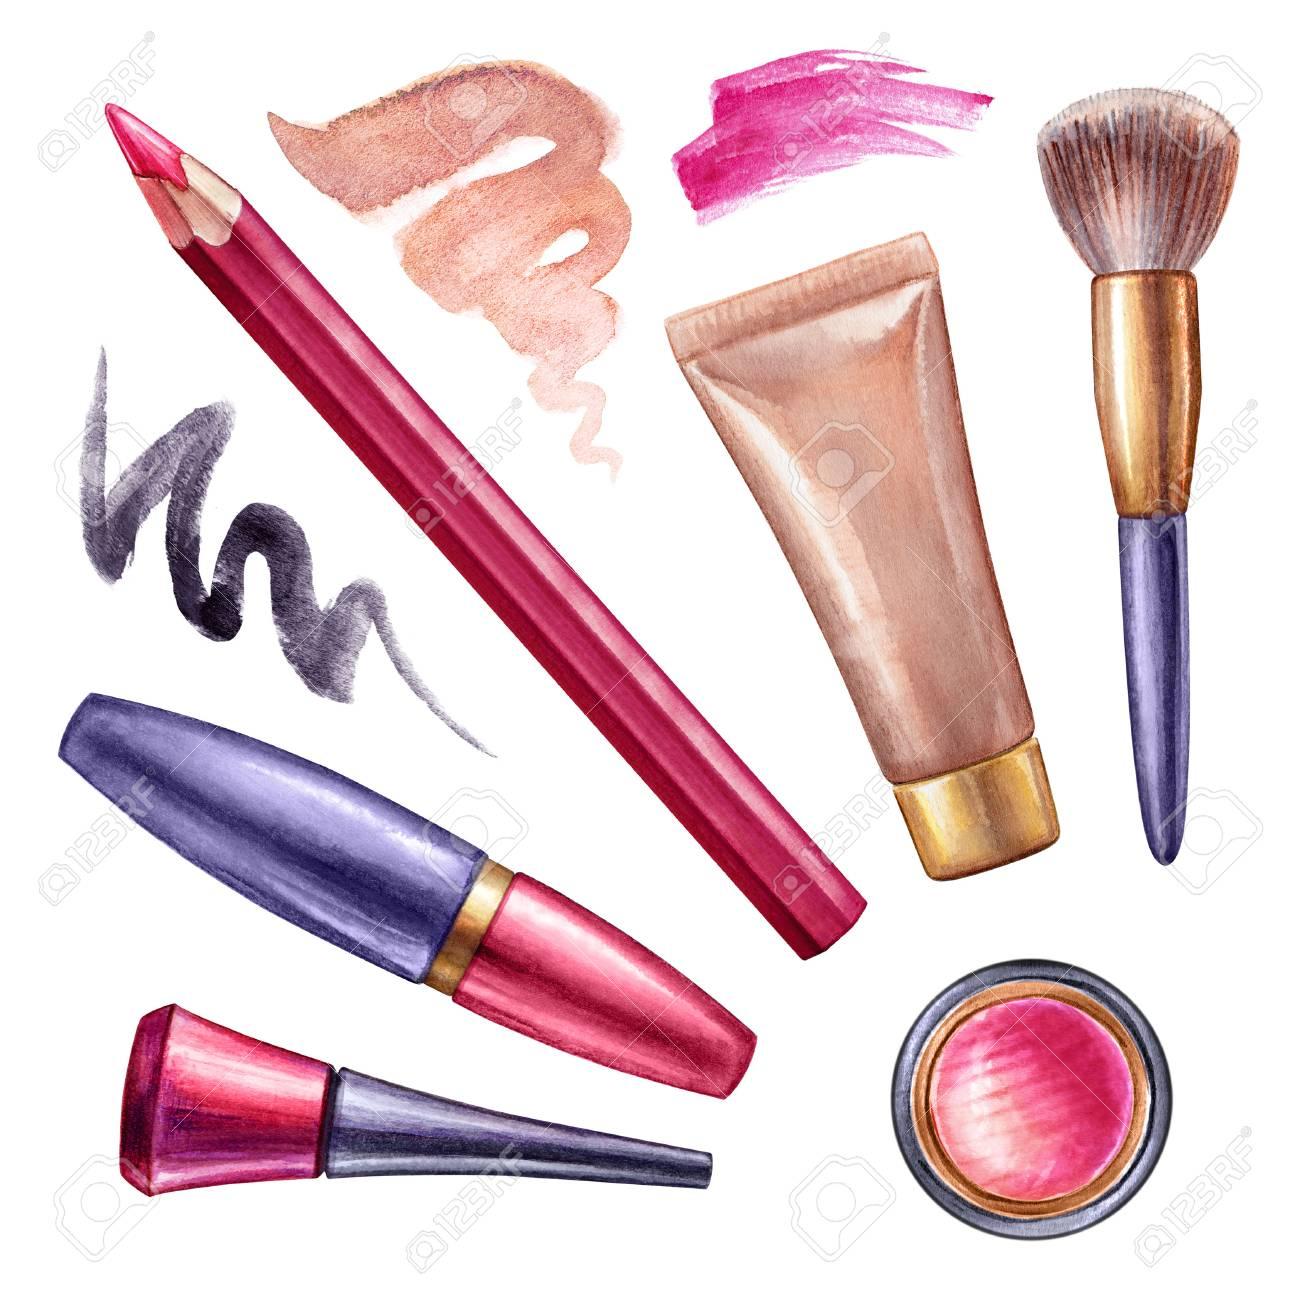 watercolor illustration make up clip art cosmetics design stock rh 123rf com makeup clip art cosmetics transparent makeup clip art free